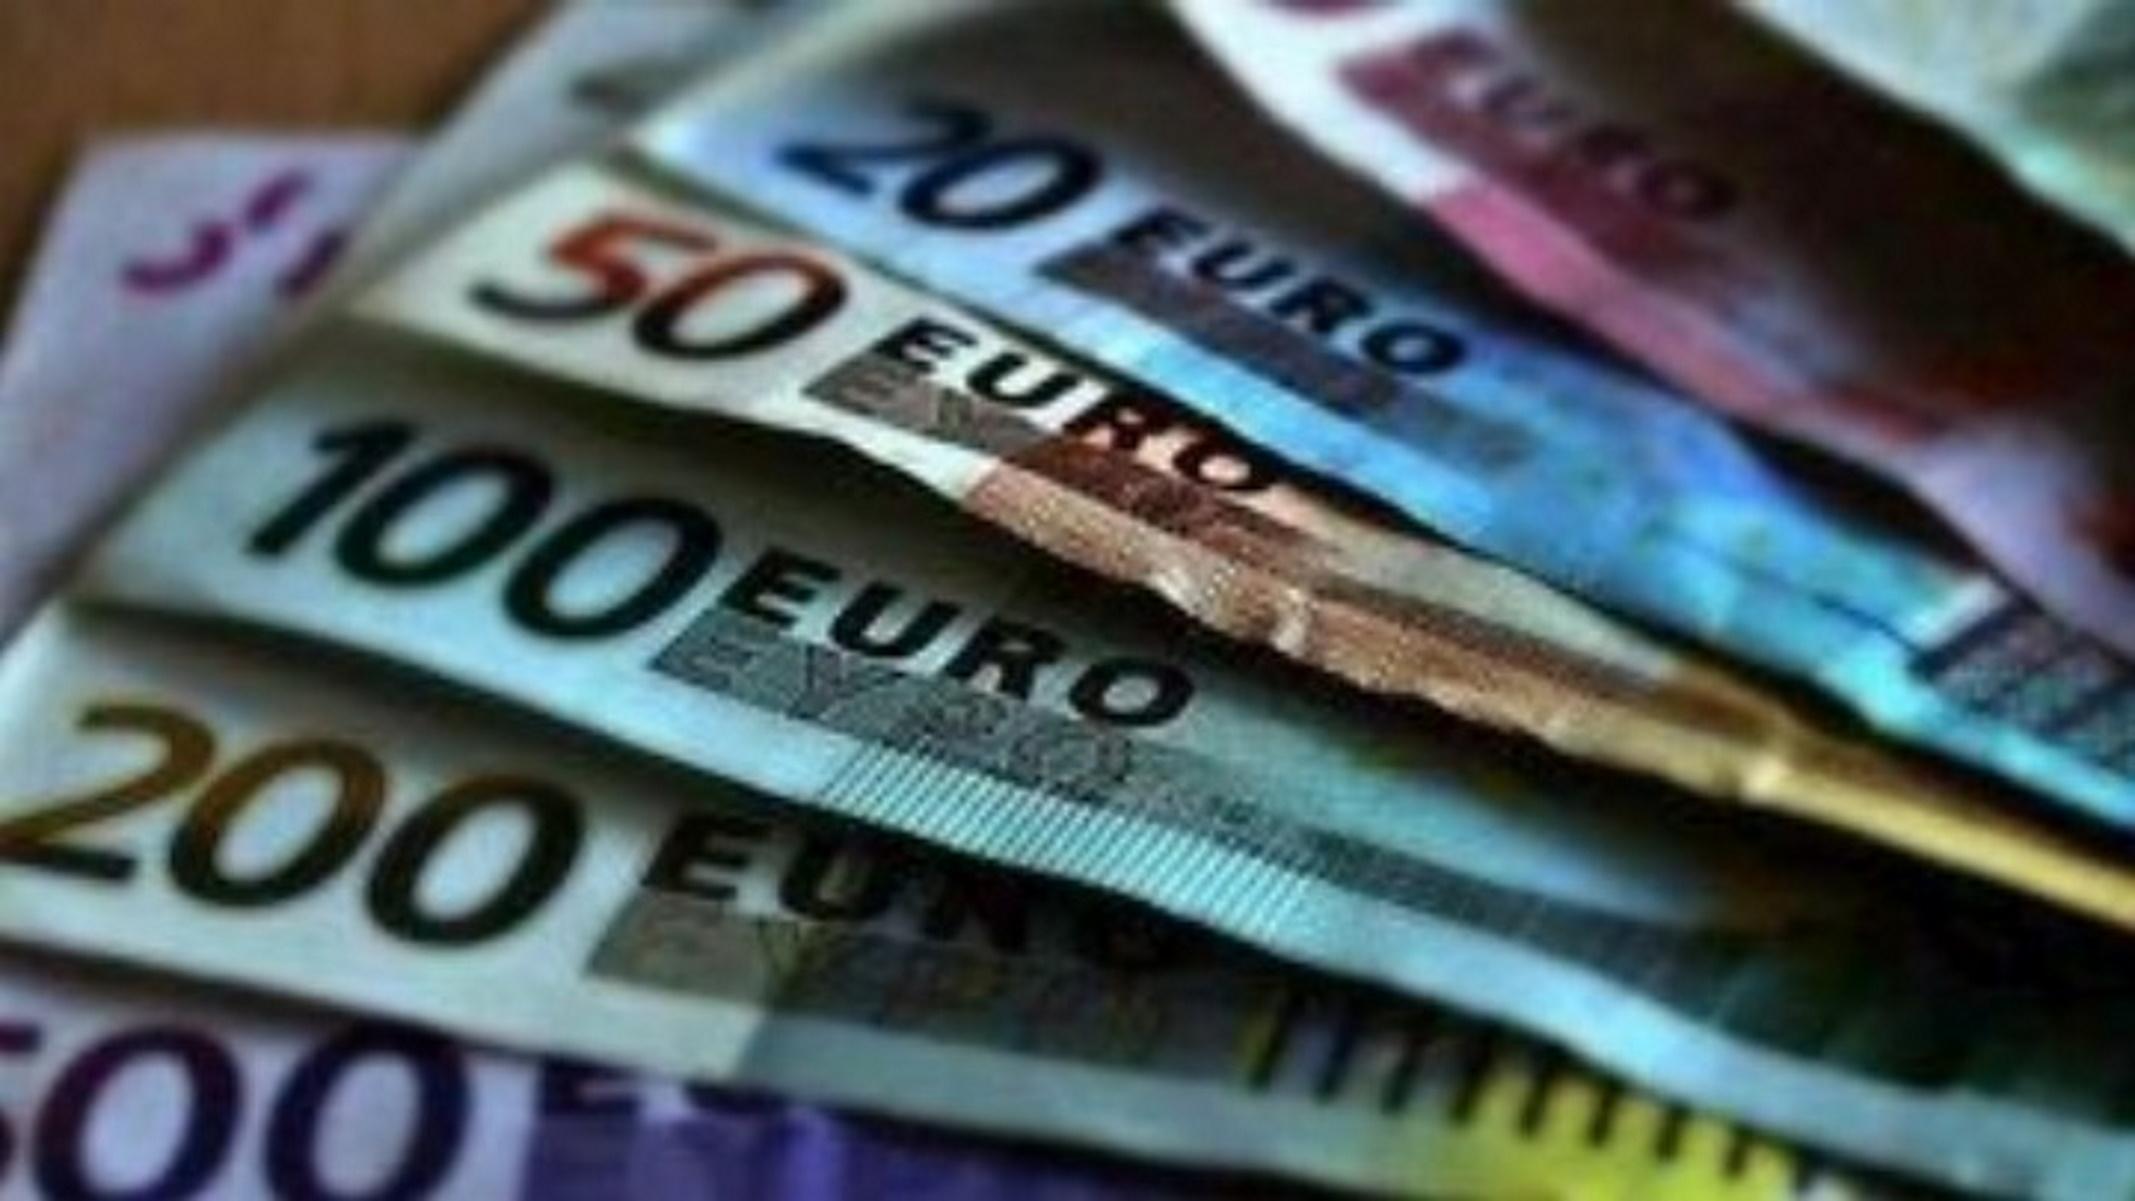 Λασίθι: Παρέδωσε πορτοφόλι Γάλλου τουρίστα με 850 ευρώ – «Τι υπέροχη χώρα η Ελλάδα»